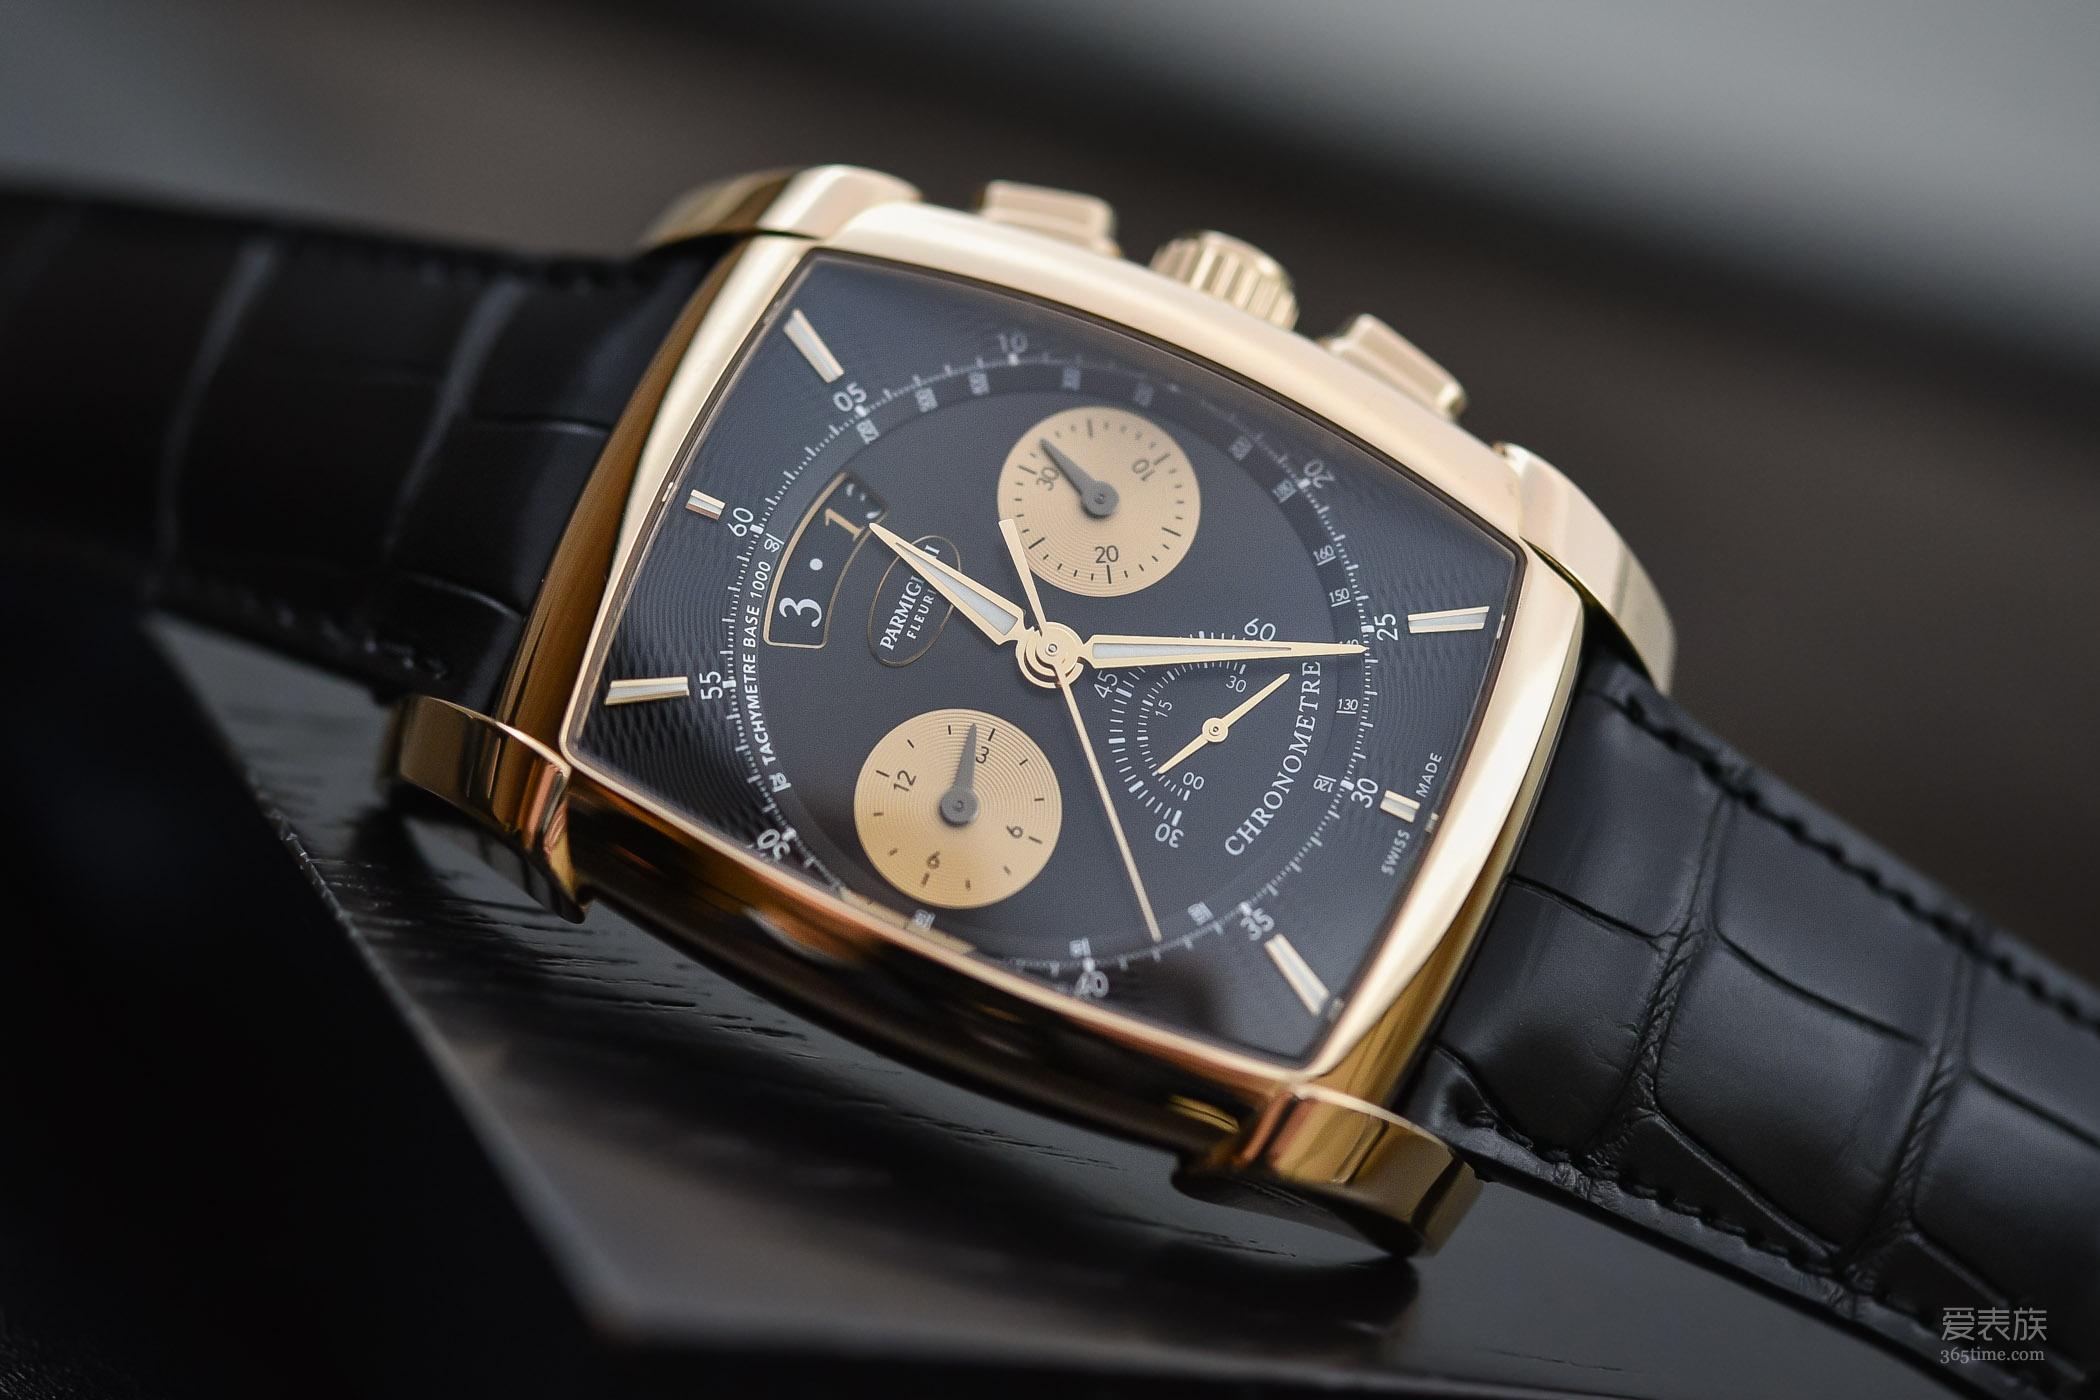 """被""""米达斯之手""""触碰过的手表——帕玛强尼Kalpa系列Chronor计时腕表"""